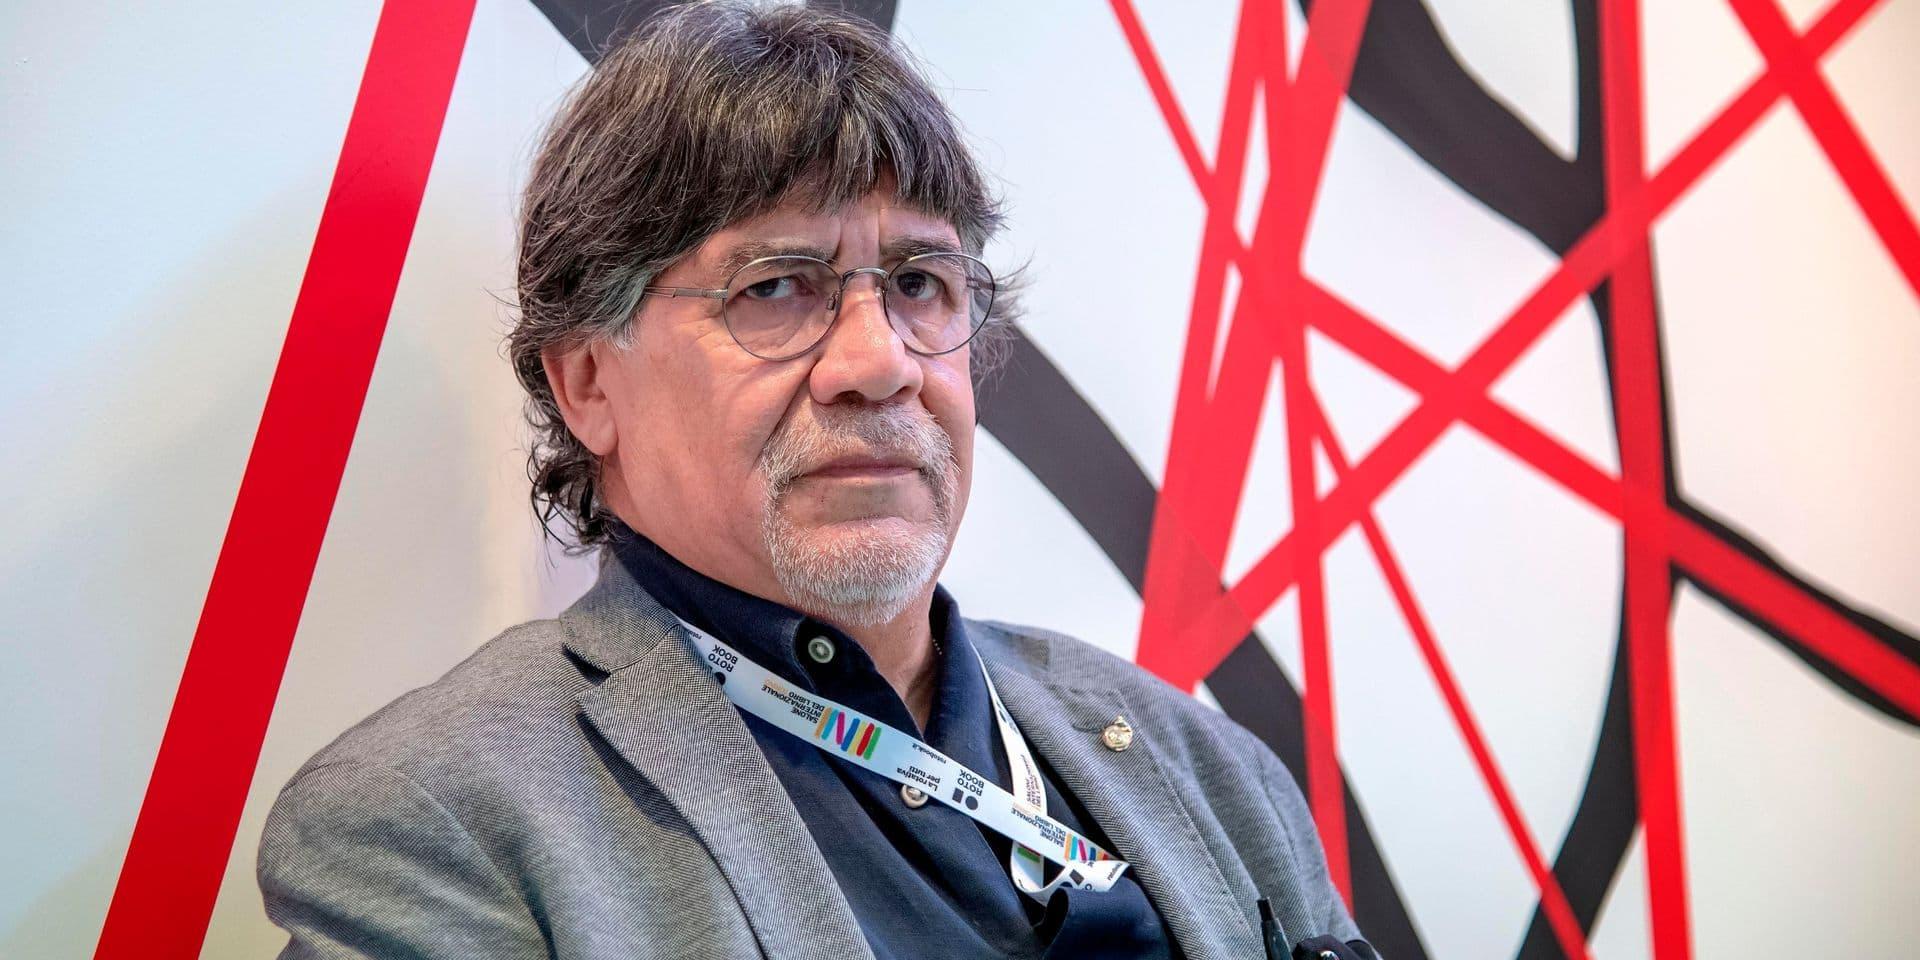 L'écrivain Luis Sepulveda est décédé à 70 ans des suites du coronavirus